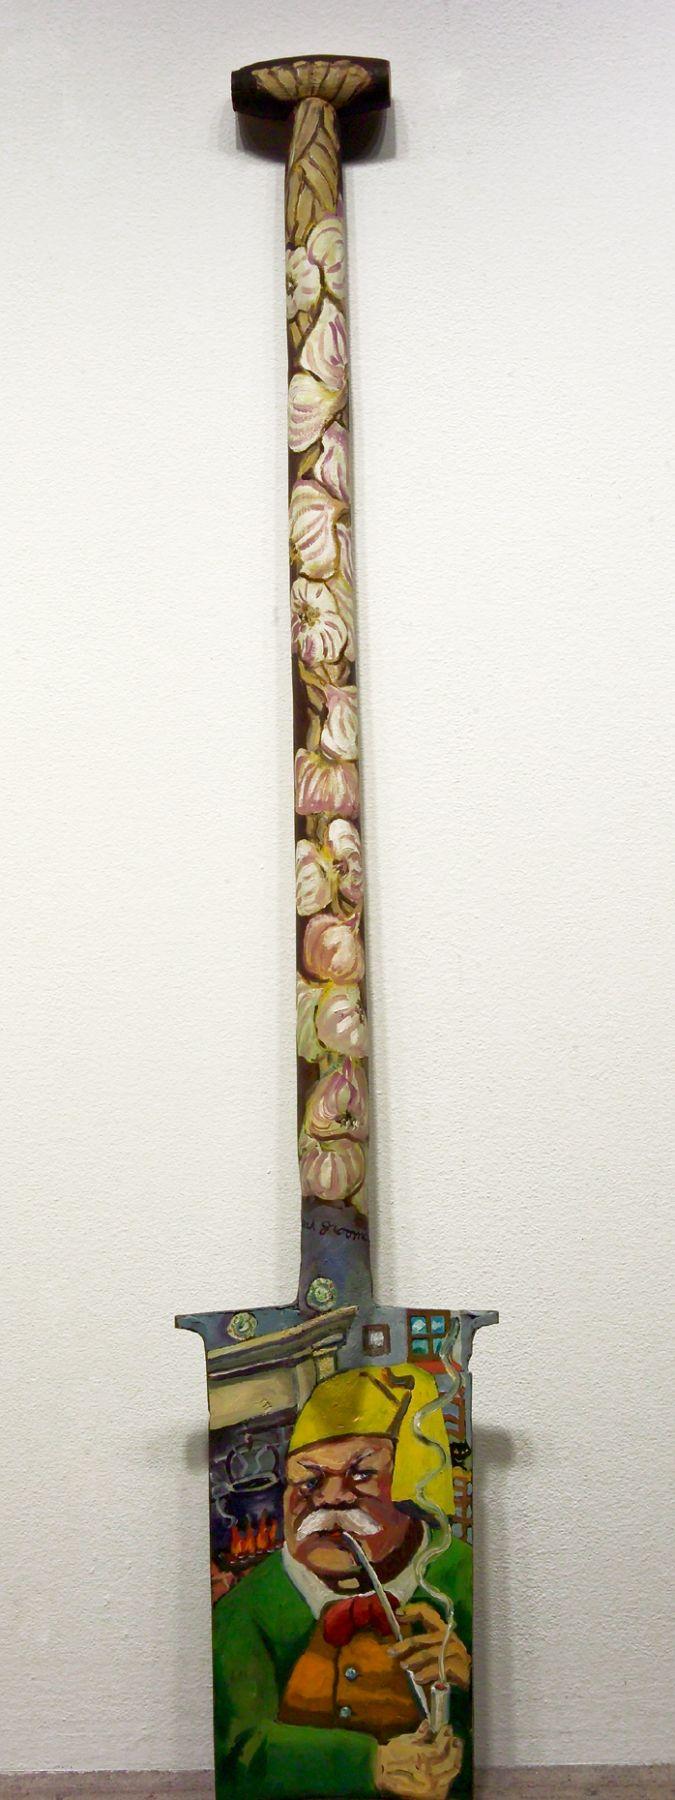 Red Grooms, L'Arlesien, 1984 oil on wood/metal, 48 x 8 x 2 inches